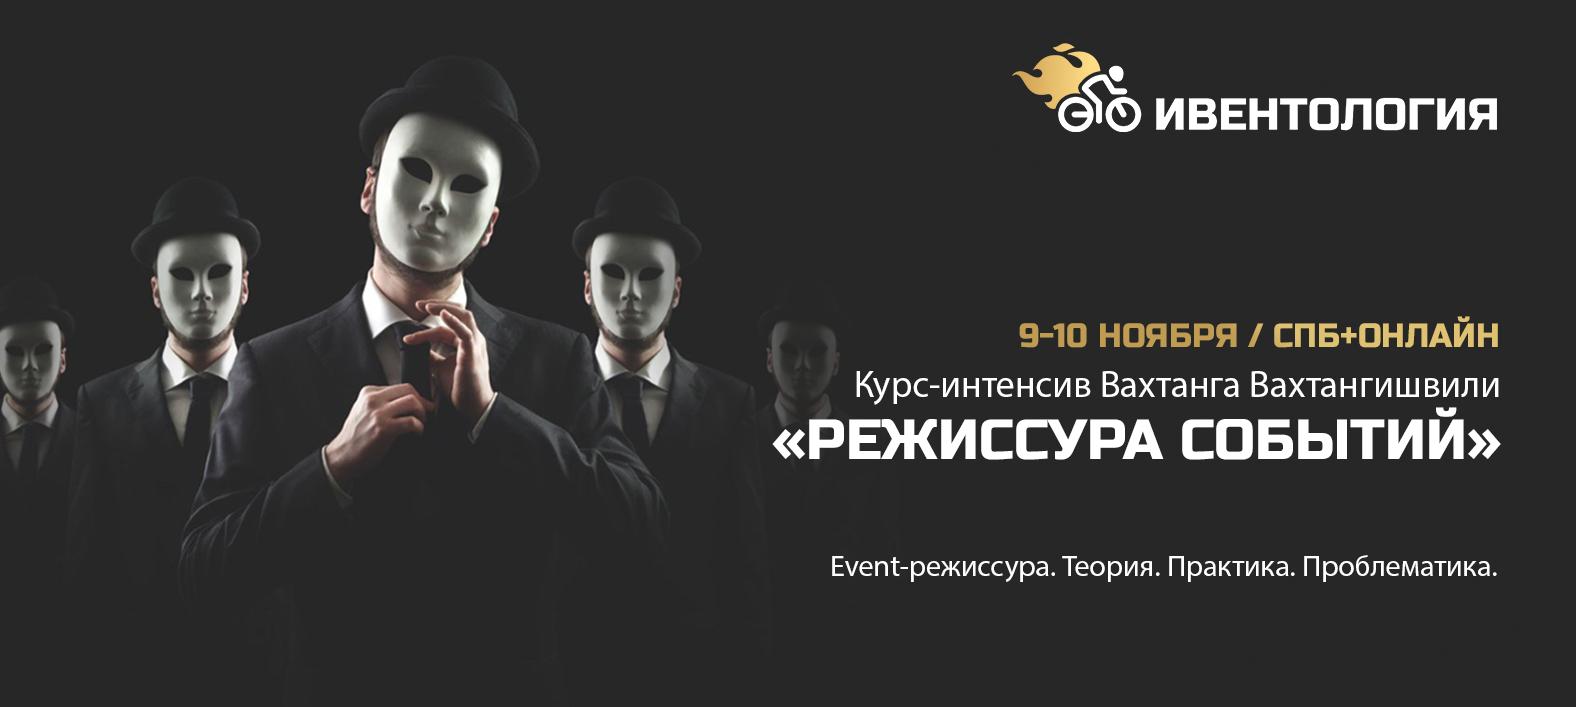 Курс-интенсив Вахтанга Вахтангишвили «Режиссура событий»